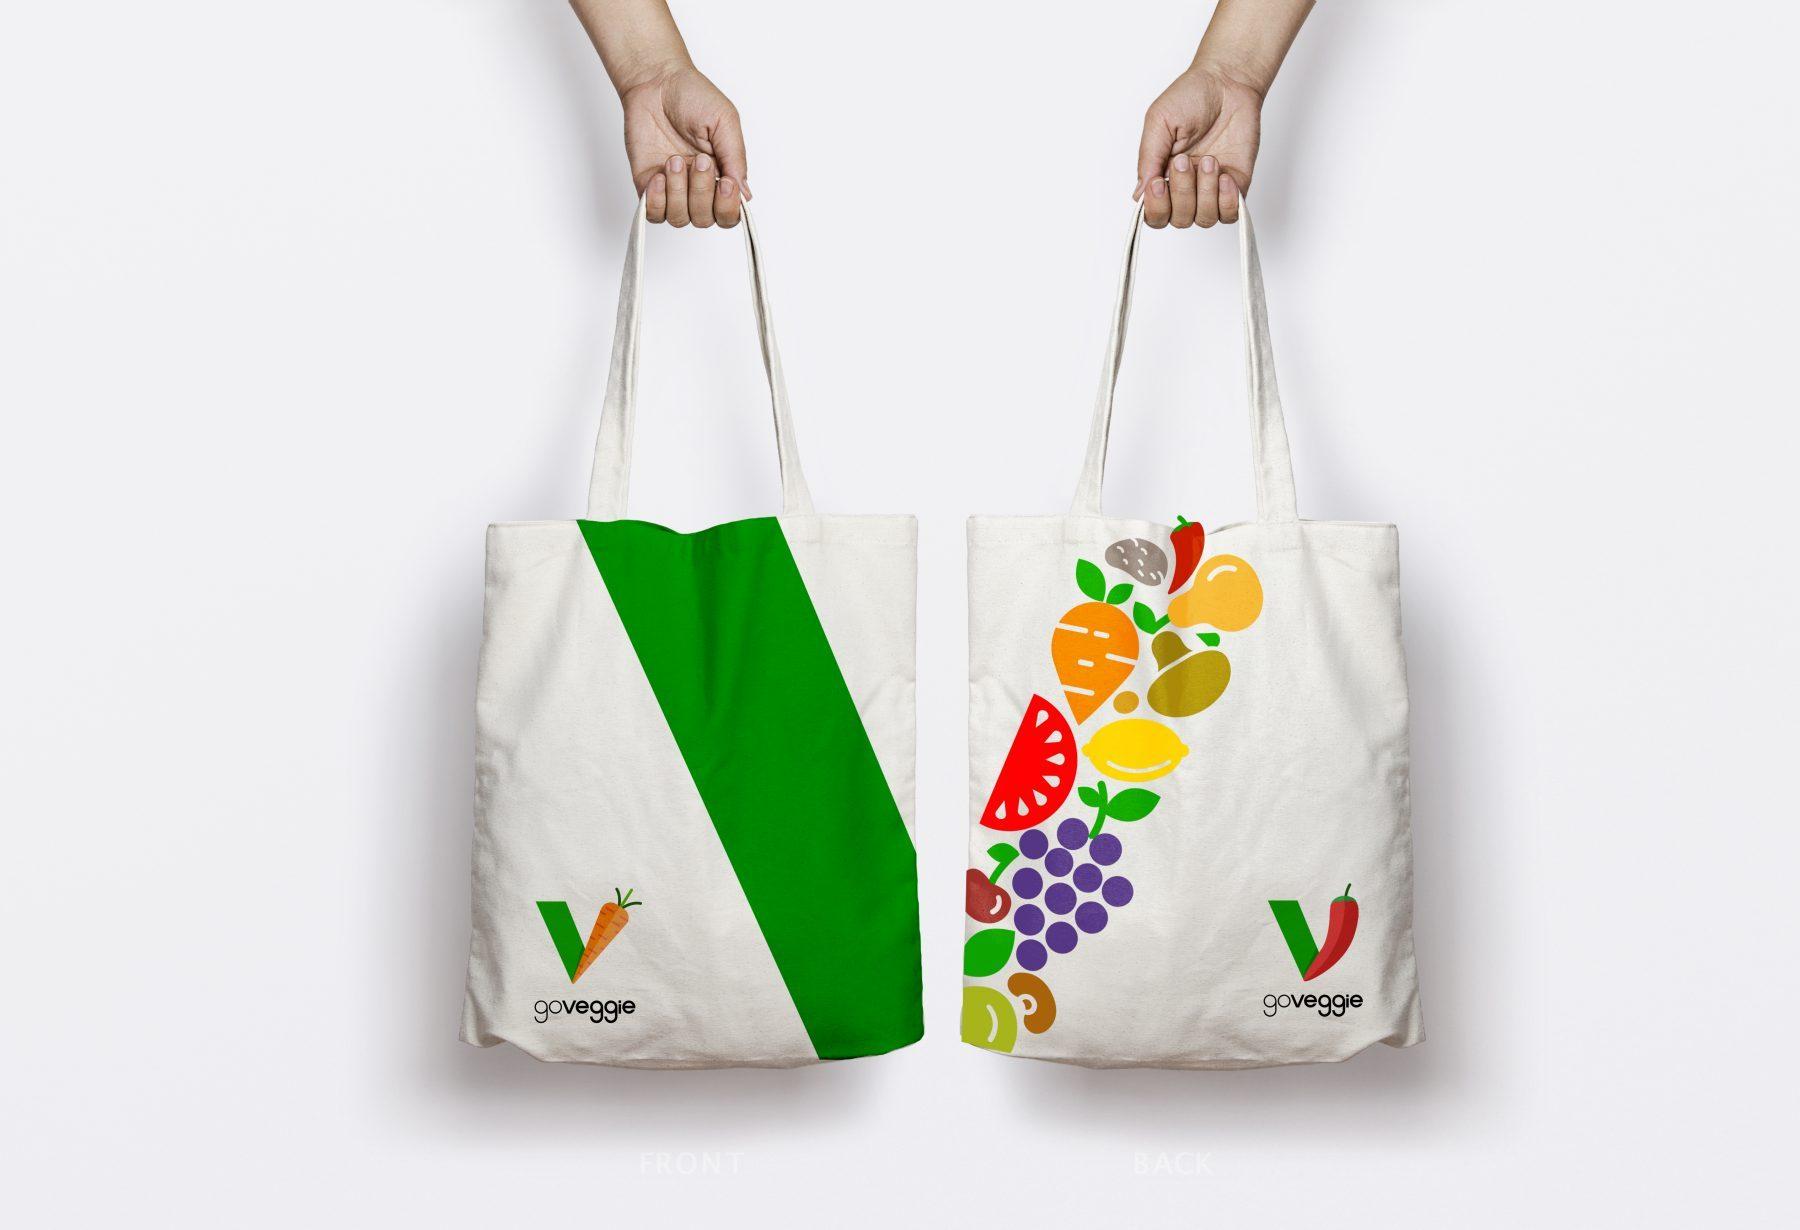 Go Veggie Shopping bag design